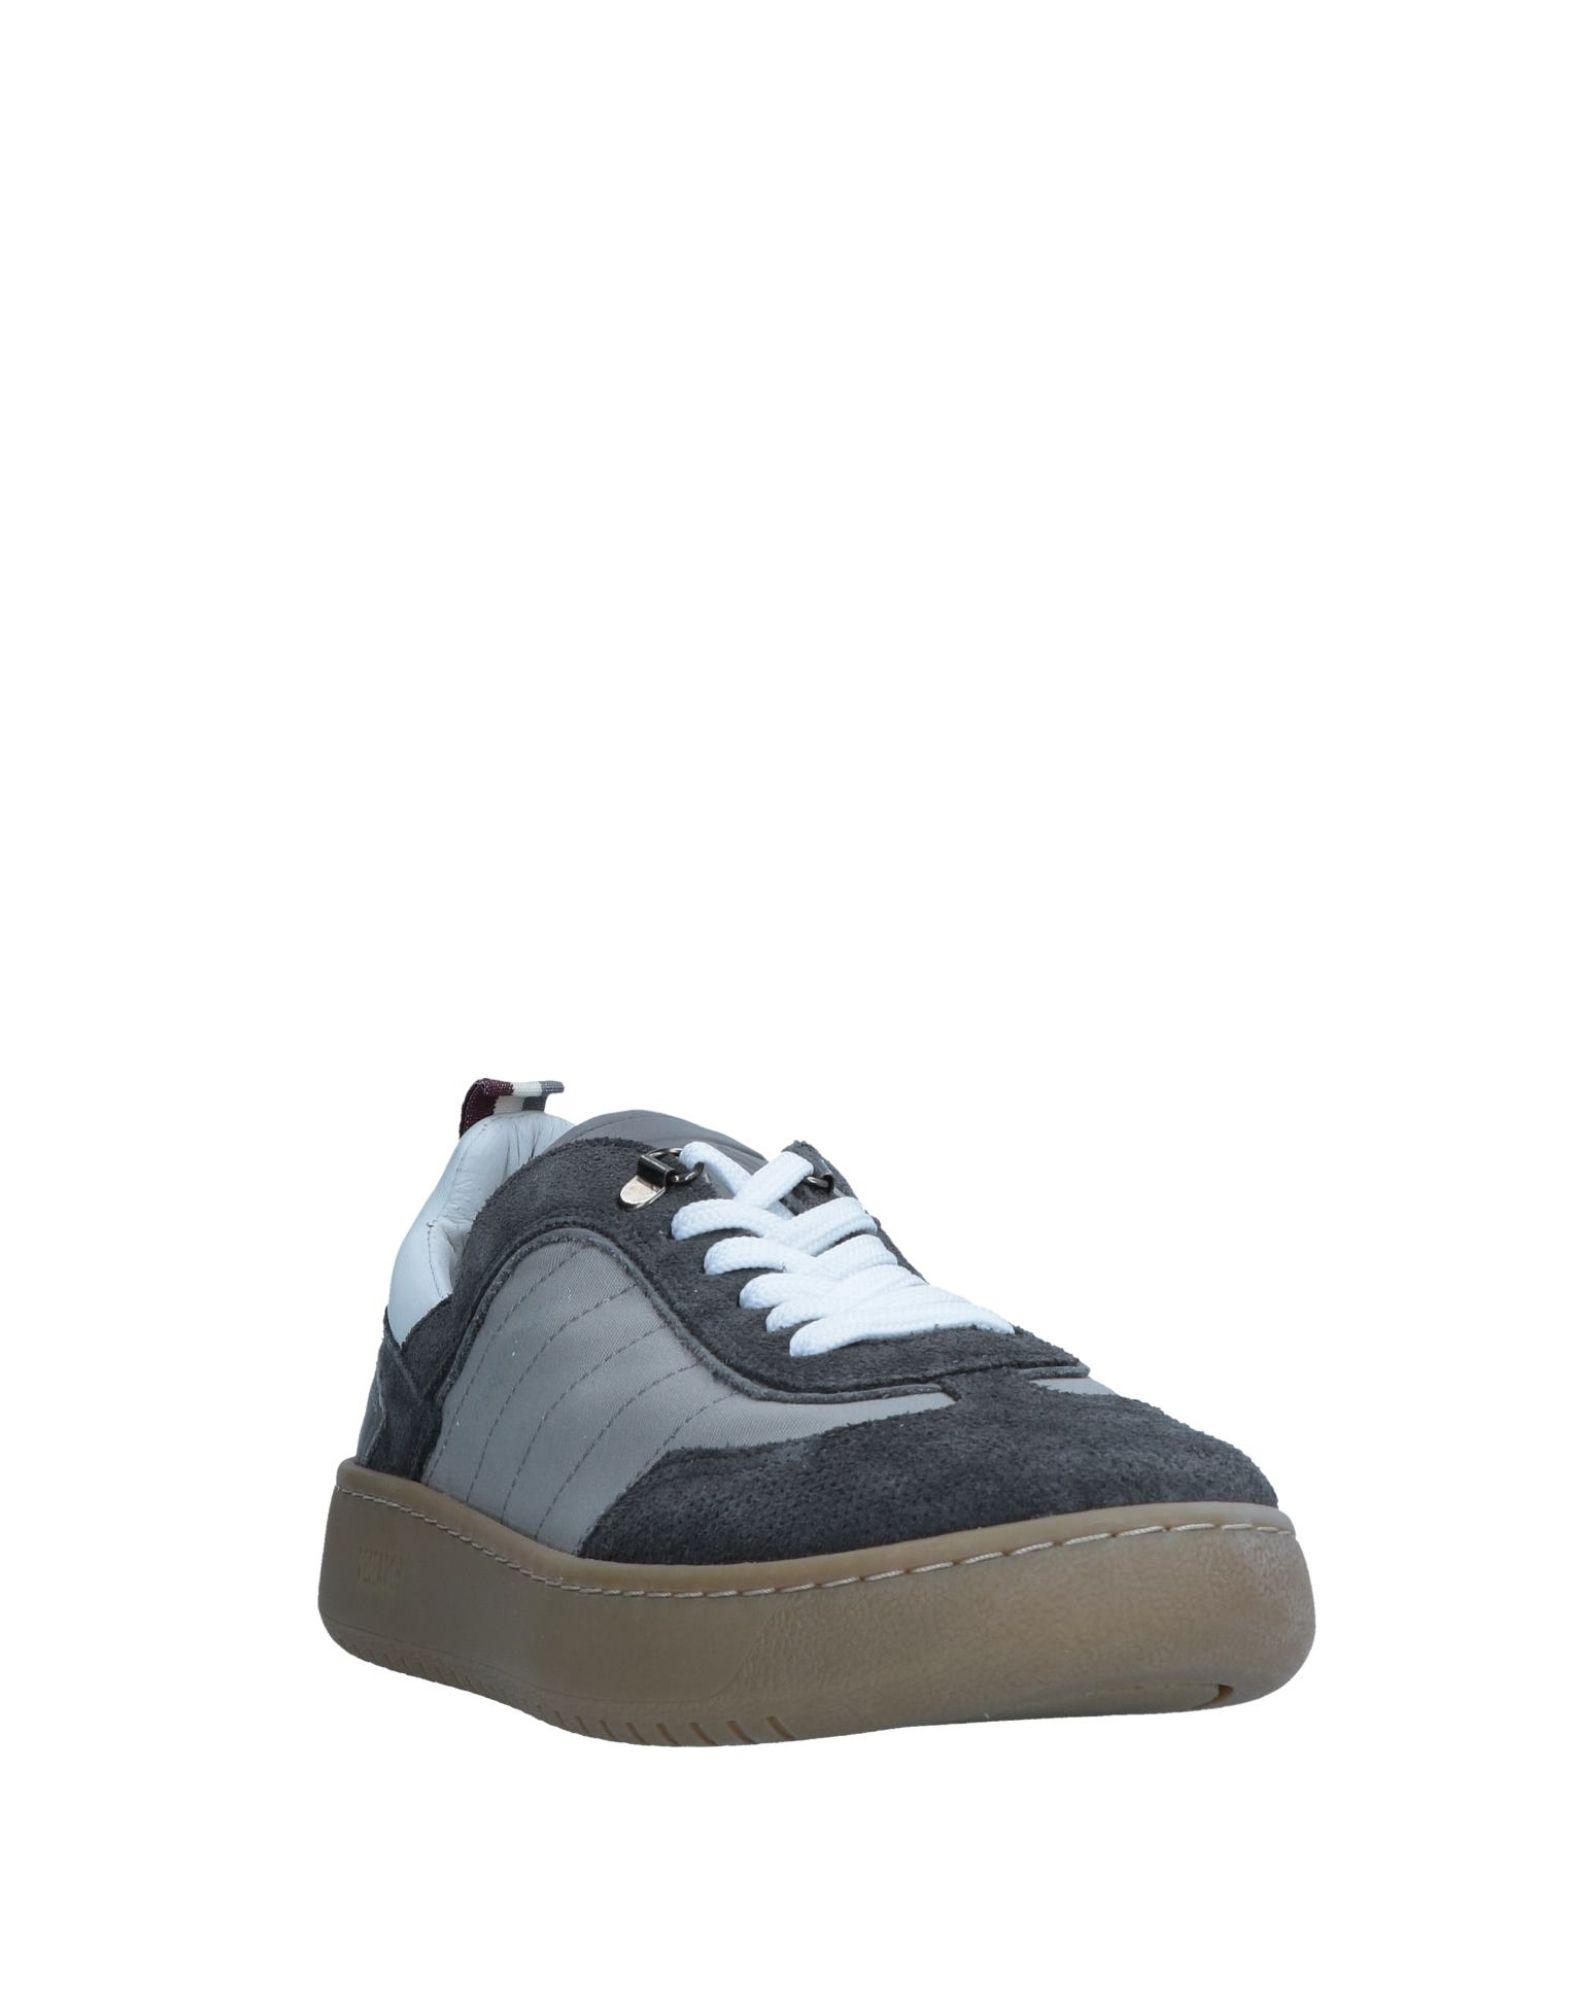 Rabatt echte  Schuhe Colmar Sneakers Herren  echte 11546551UB db38d9